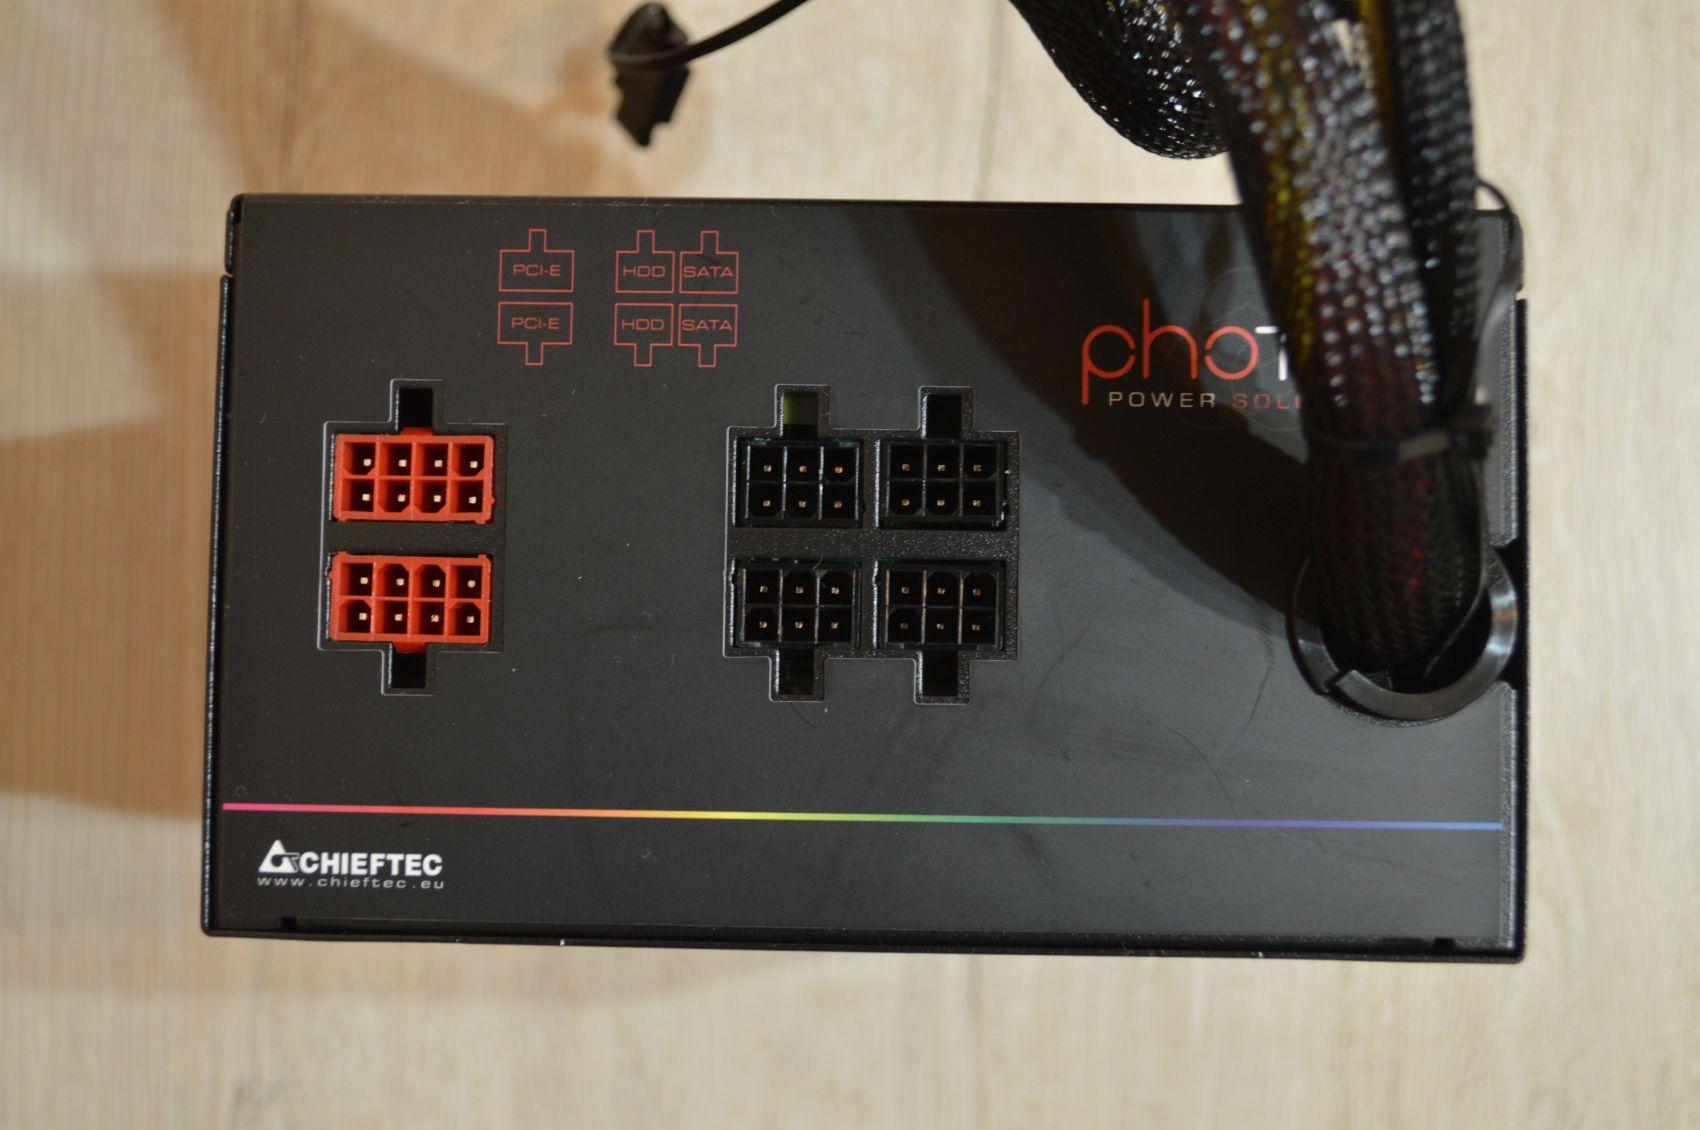 Chieftec Photon 750 Вт модульные разъемы